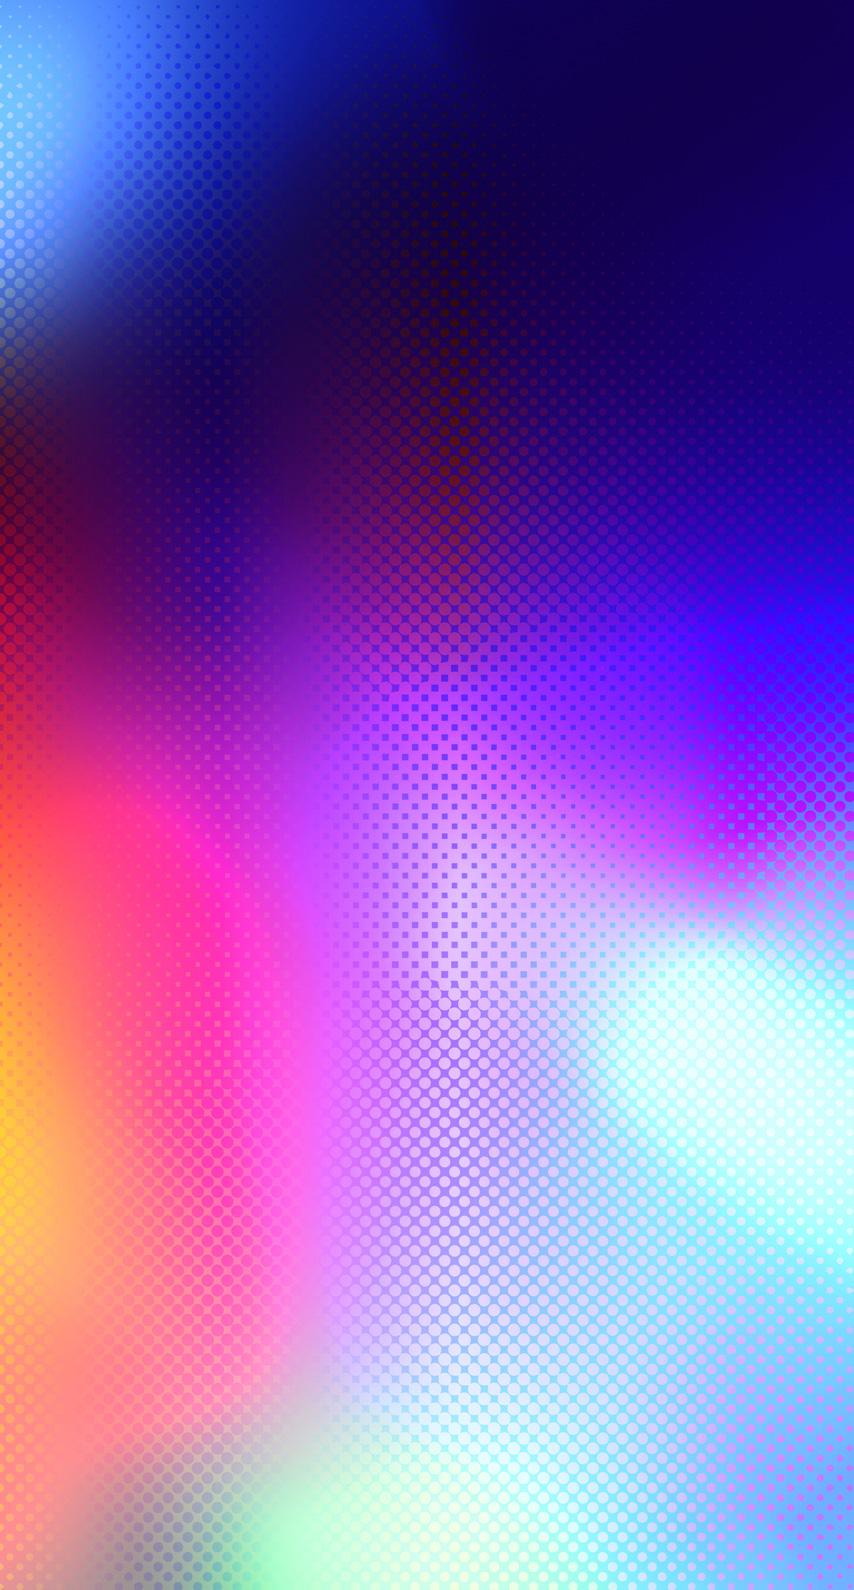 blur, no person